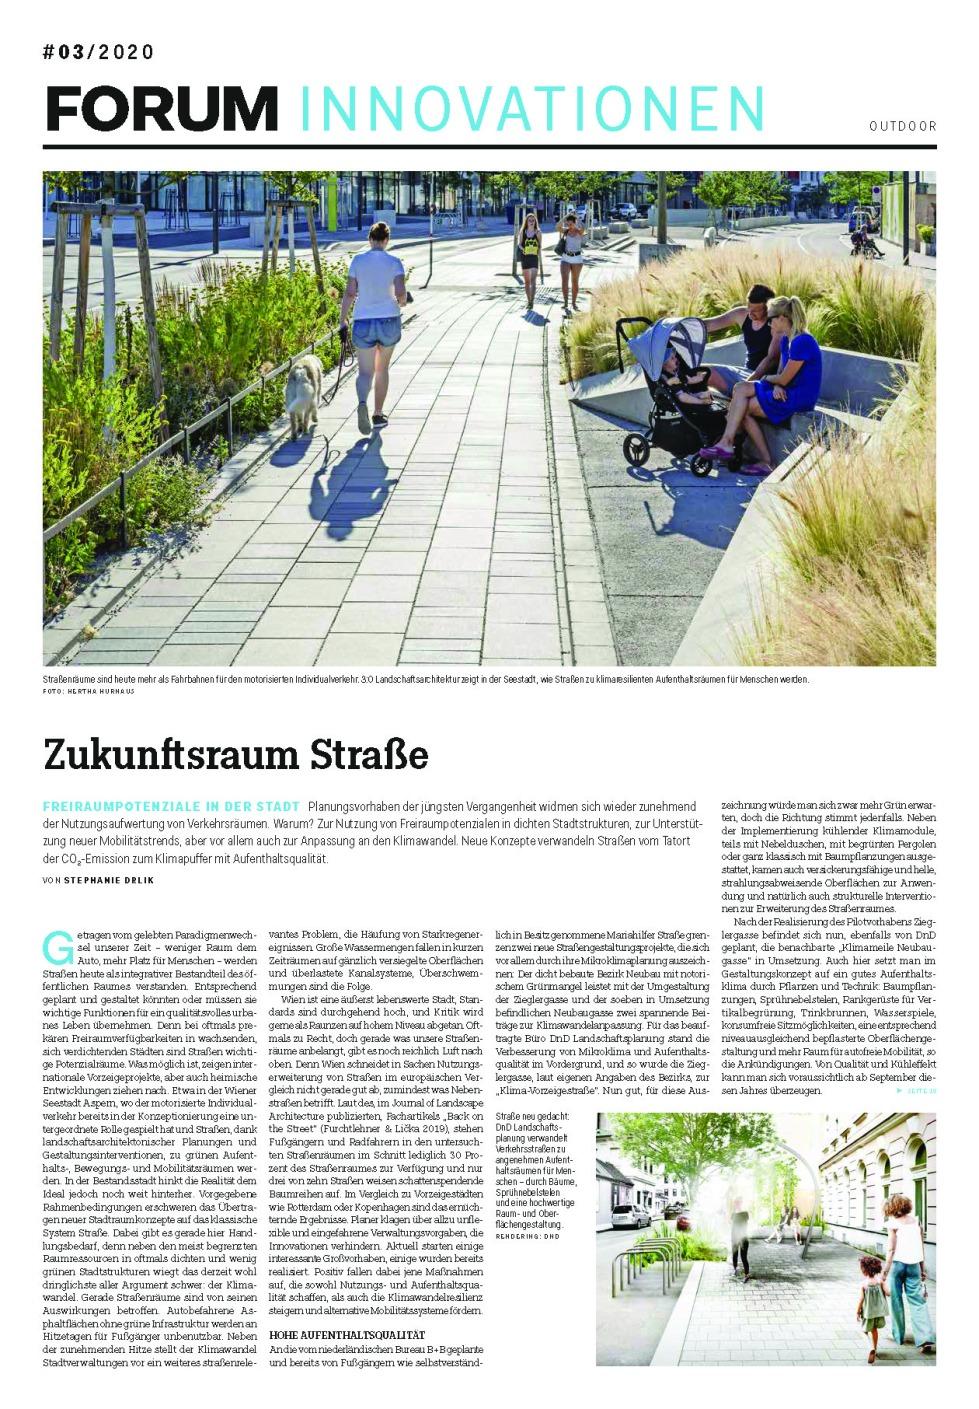 FO_0320_017_Zukunftsraum Strasse_Seite_1